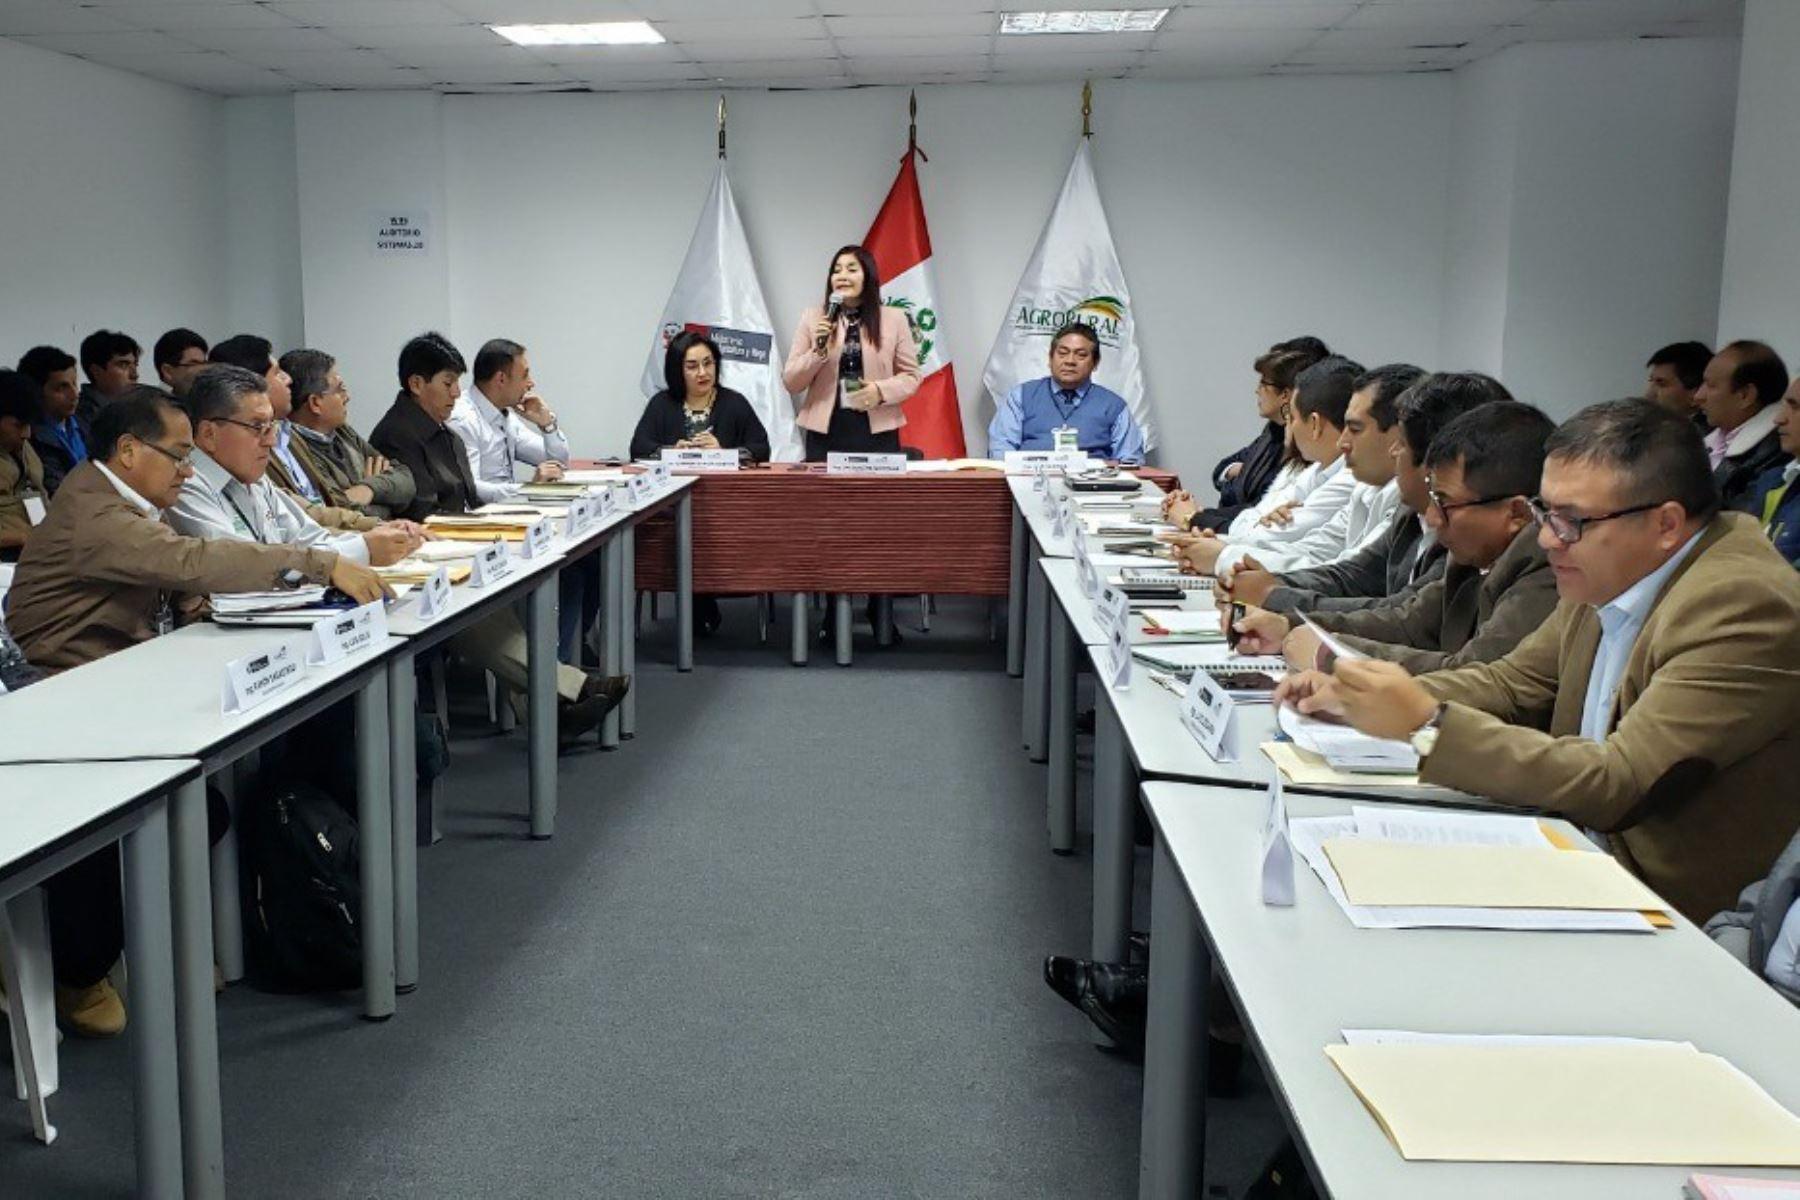 Primer Encuentro de Directores Zonales y Especialistas en Infraestructura de Riego, organizada por Agro Rural.